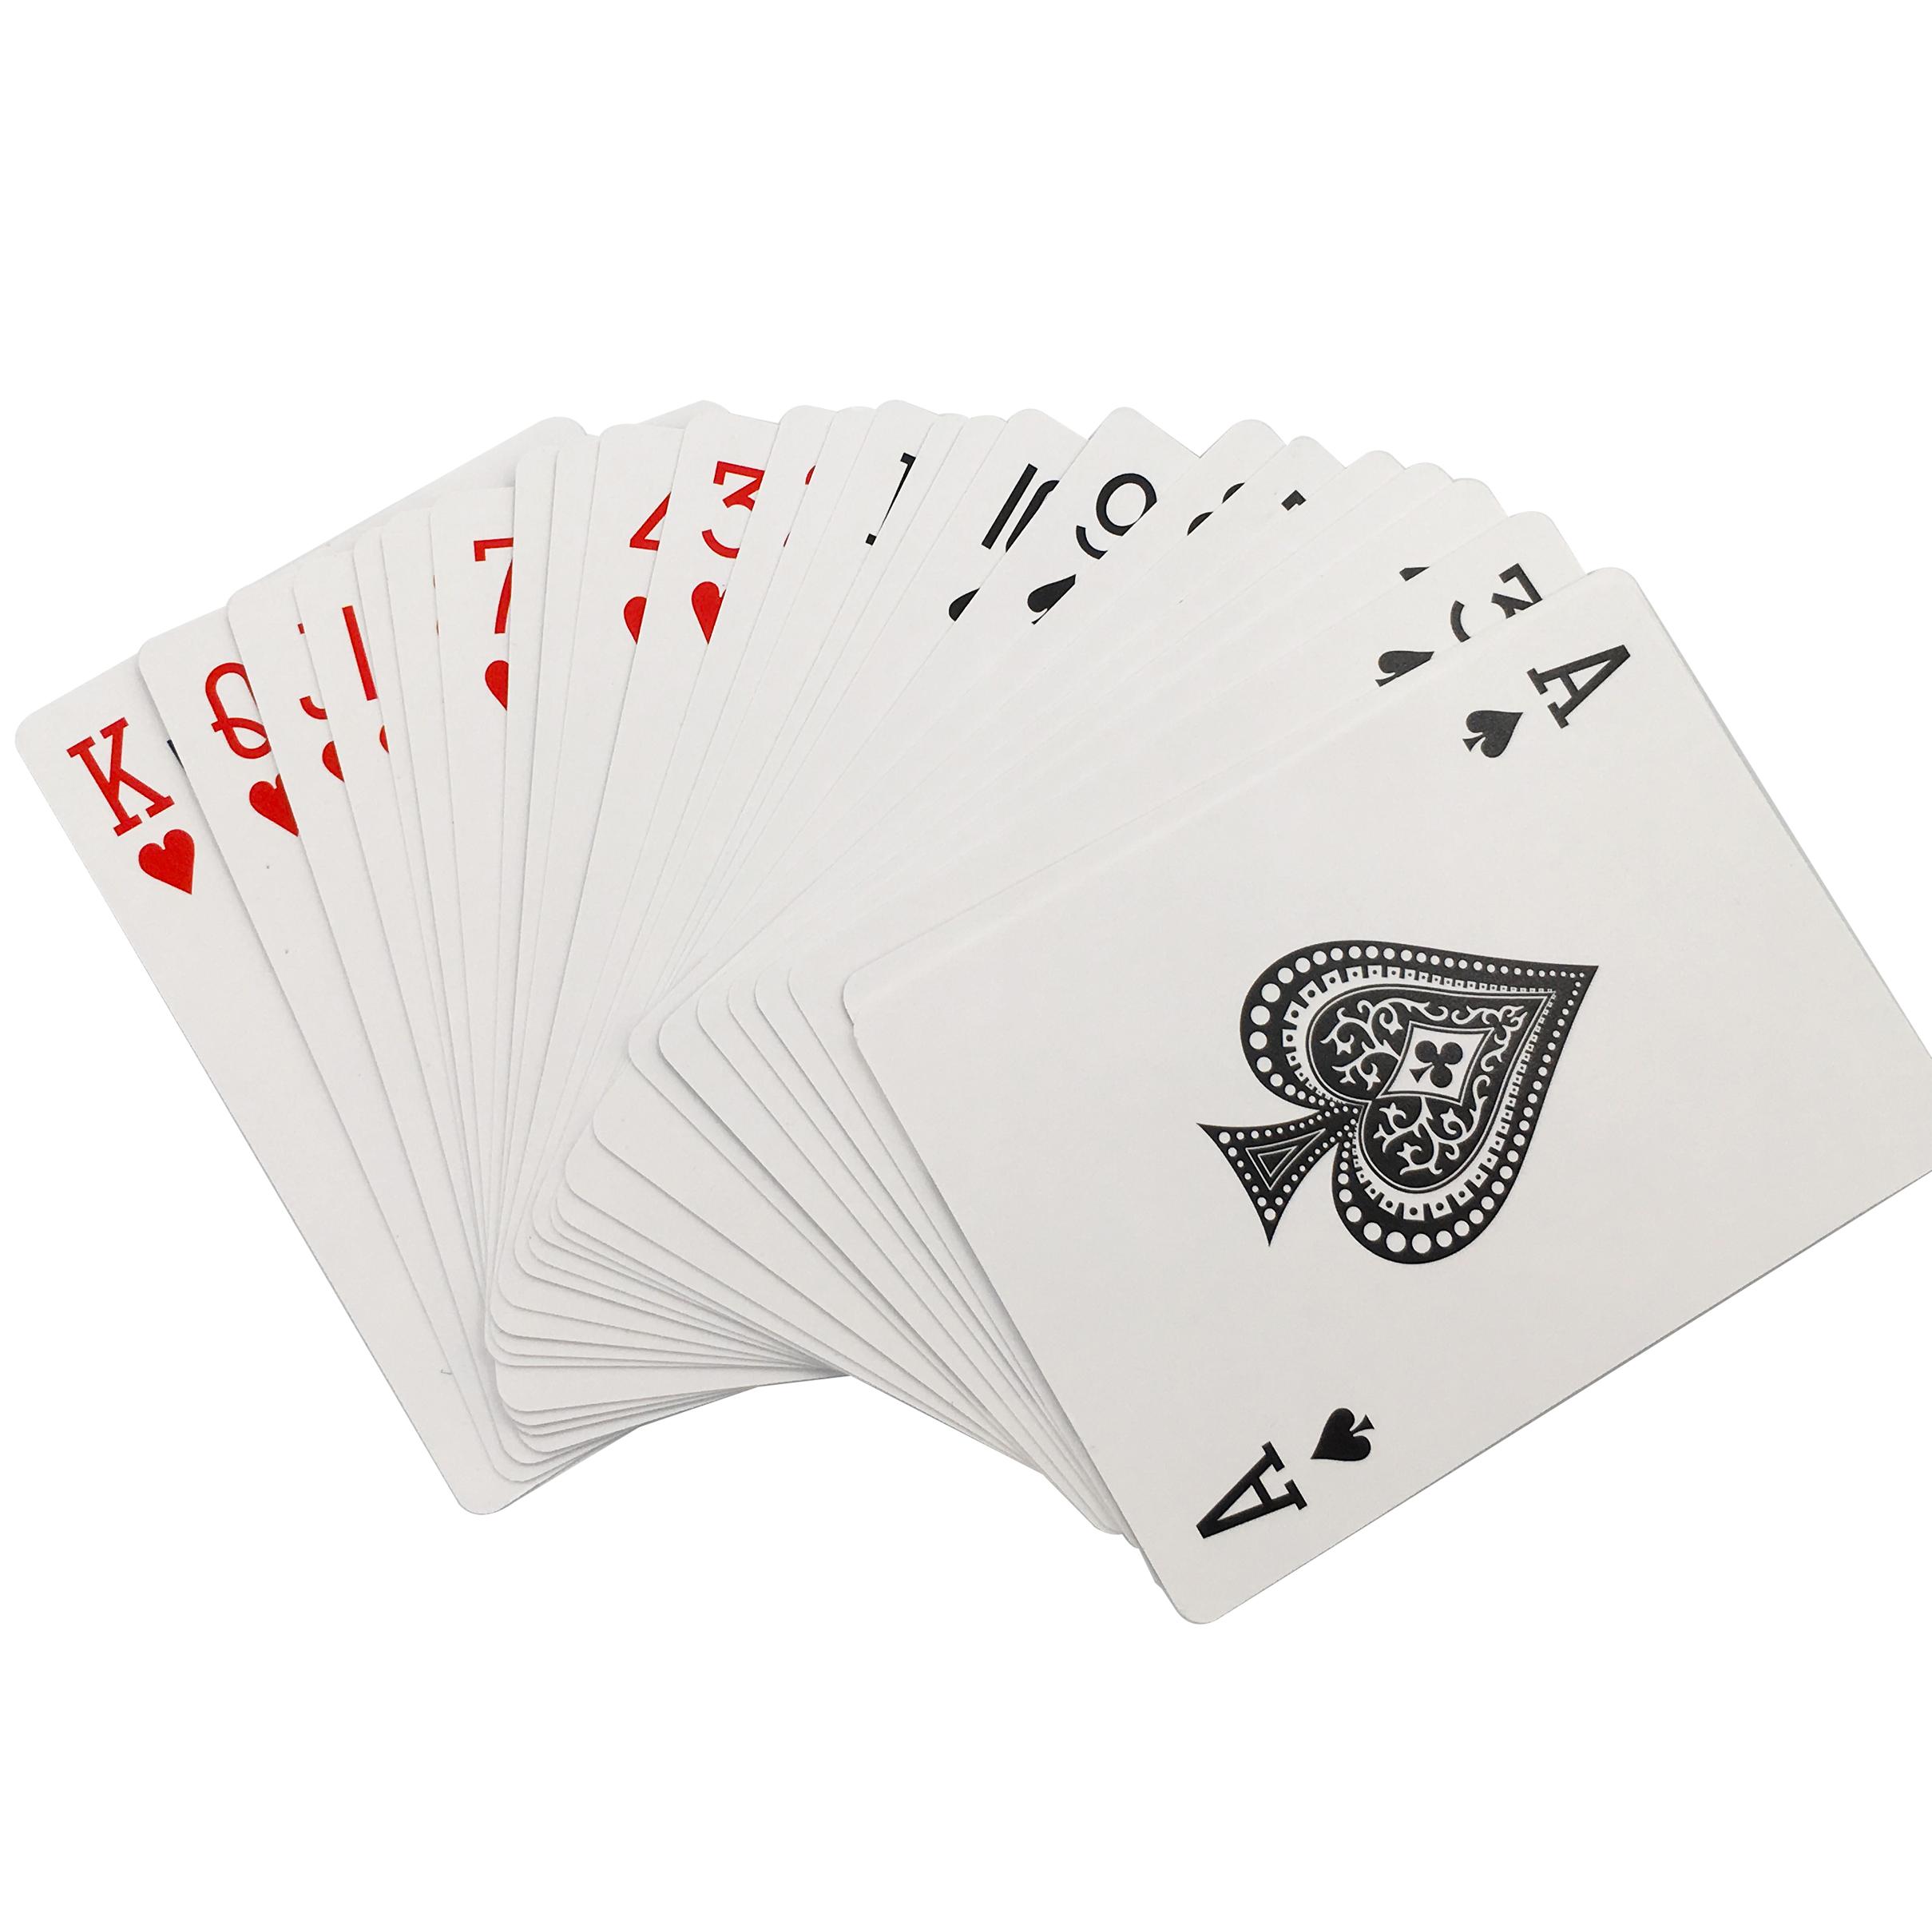 Significato carte da poker